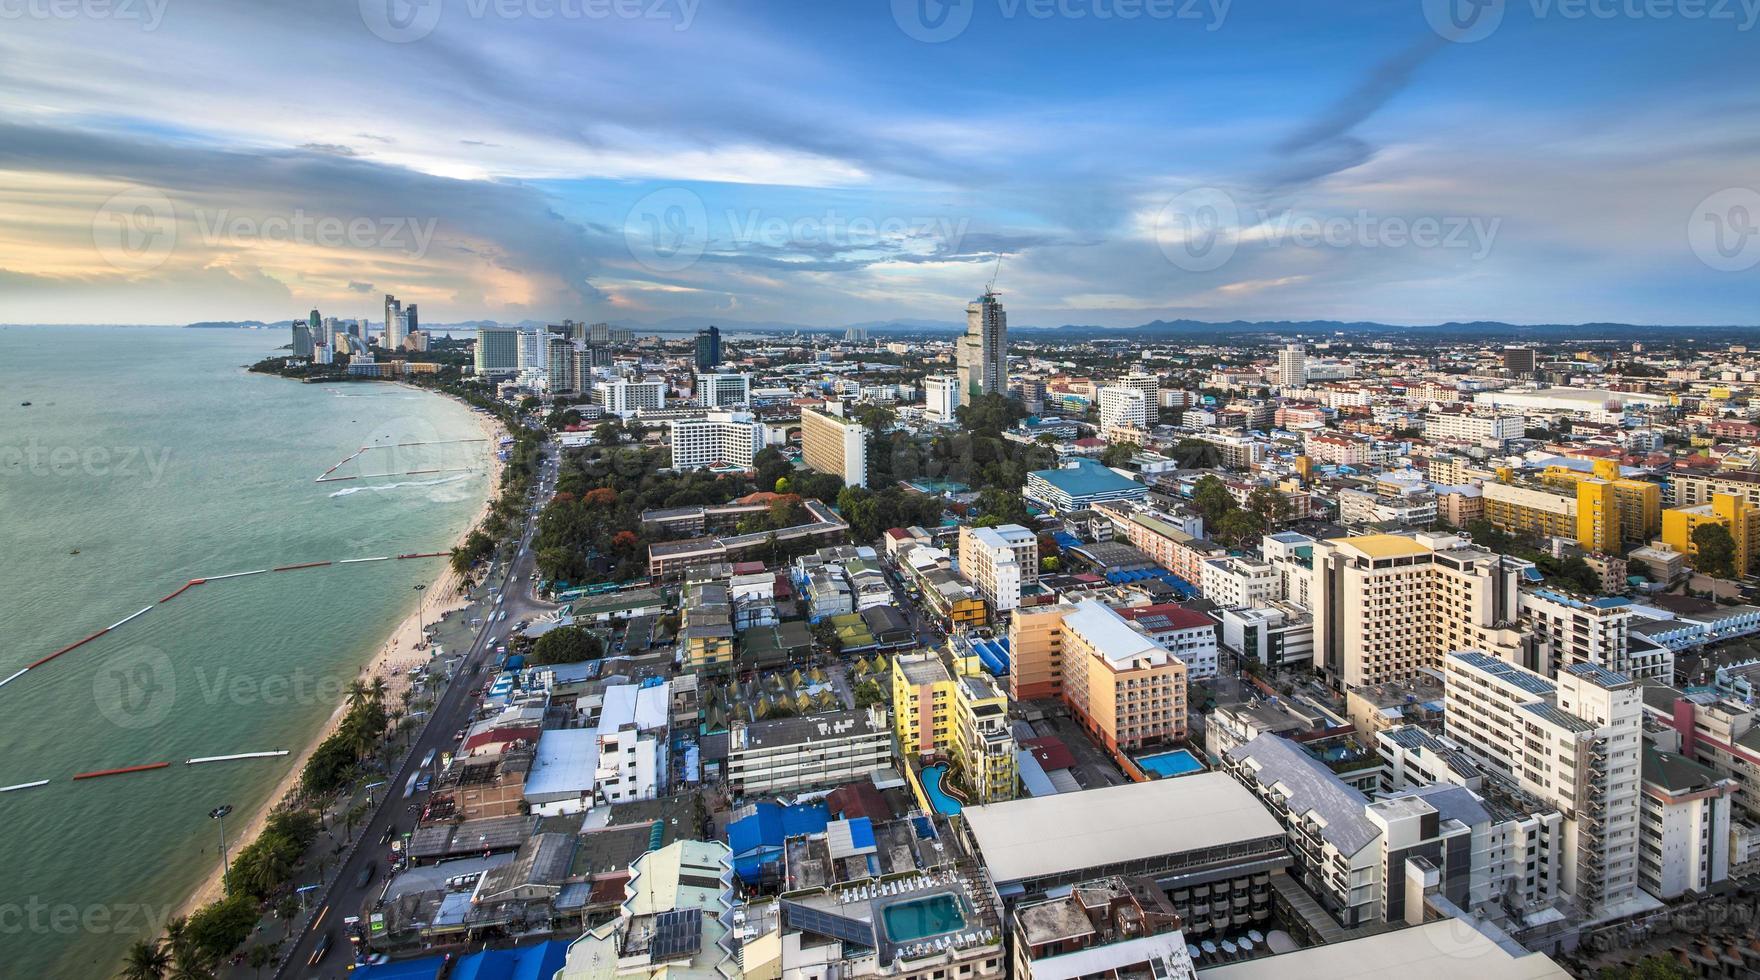 Horizonte urbano de la ciudad, la bahía de Pattaya y la playa, Tailandia. foto